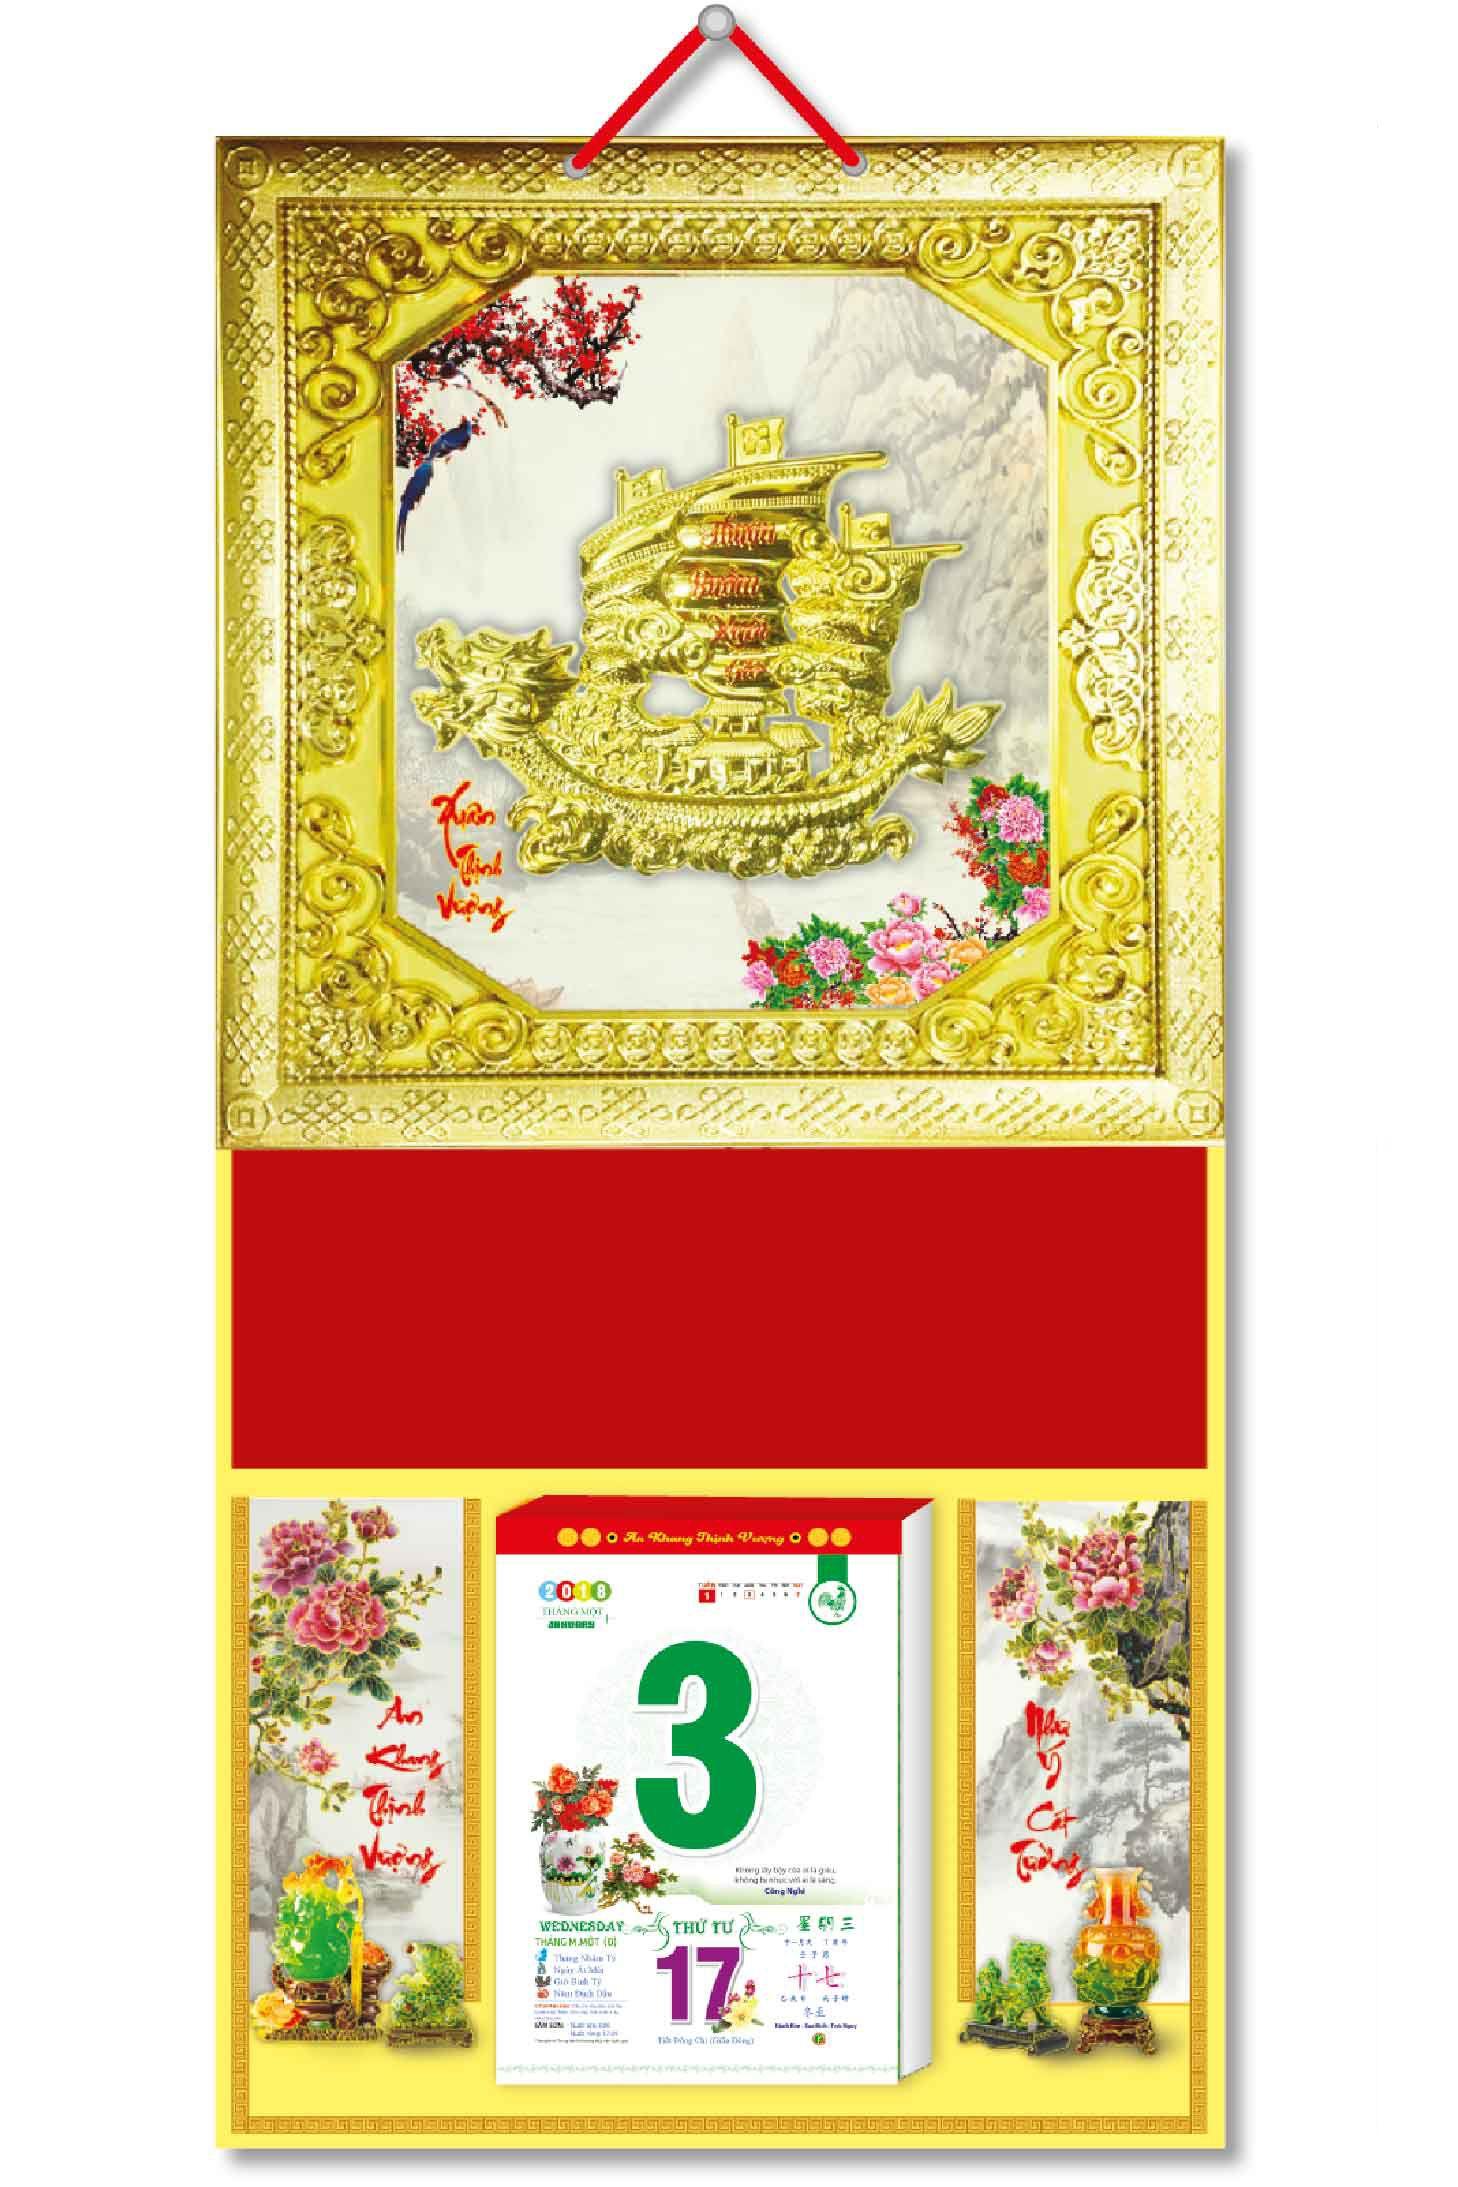 KV58 - Bìa Treo Lịch Da Simili Dán Chữ Nổi (35 x 70cm) - Khung vàng, Dán Nỗi Hình Thuyền Rồng - EBOOK/PDF/PRC/EPUB